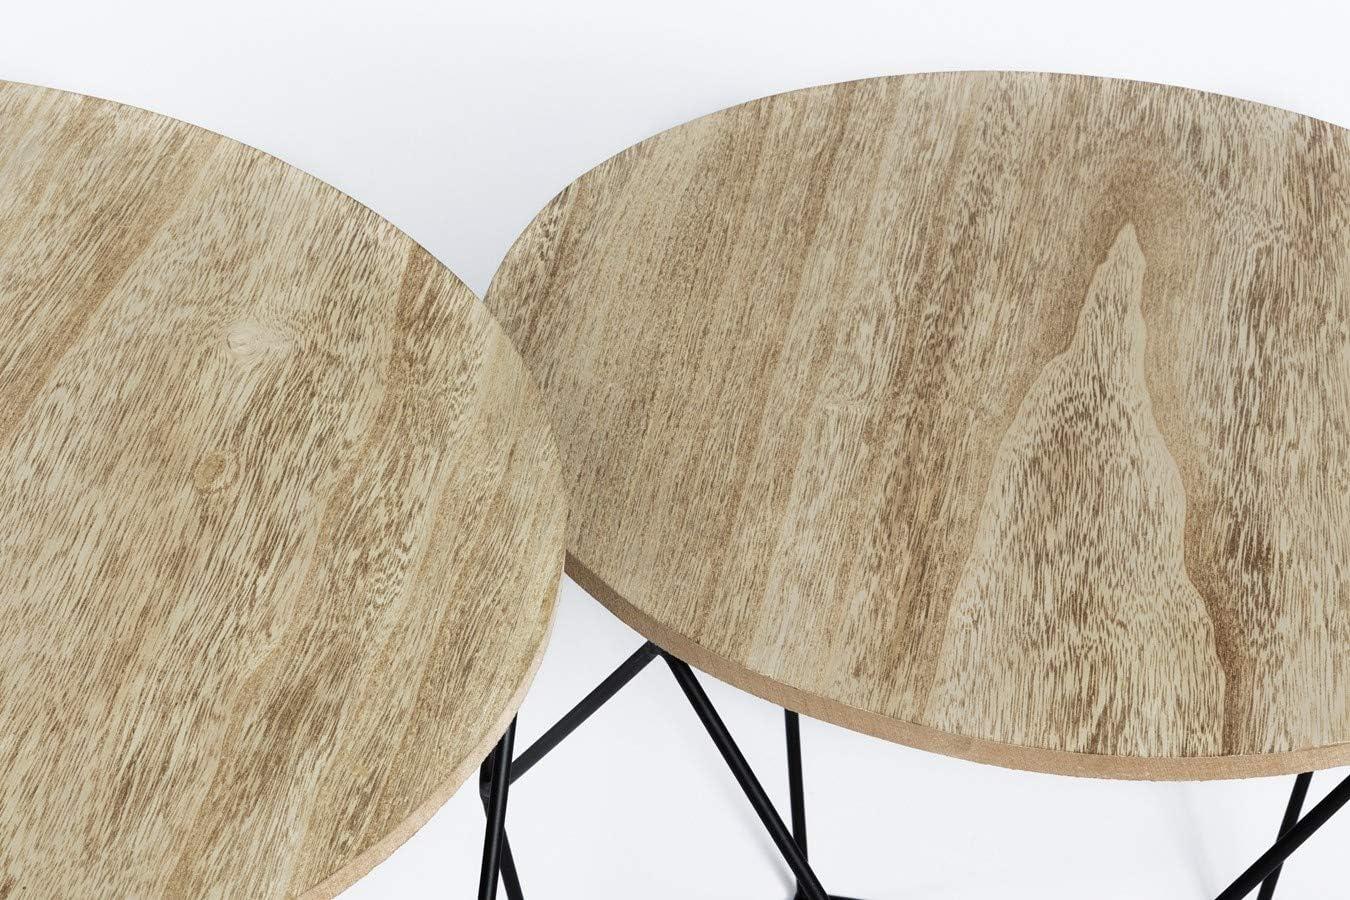 Table Basse Design Bois en Lot de 2 LIFA LIVING Table Gigogne Bois et Metal Ronde Tables dAppoint pour Salon Petite Table Basse Gigogne Scandinave